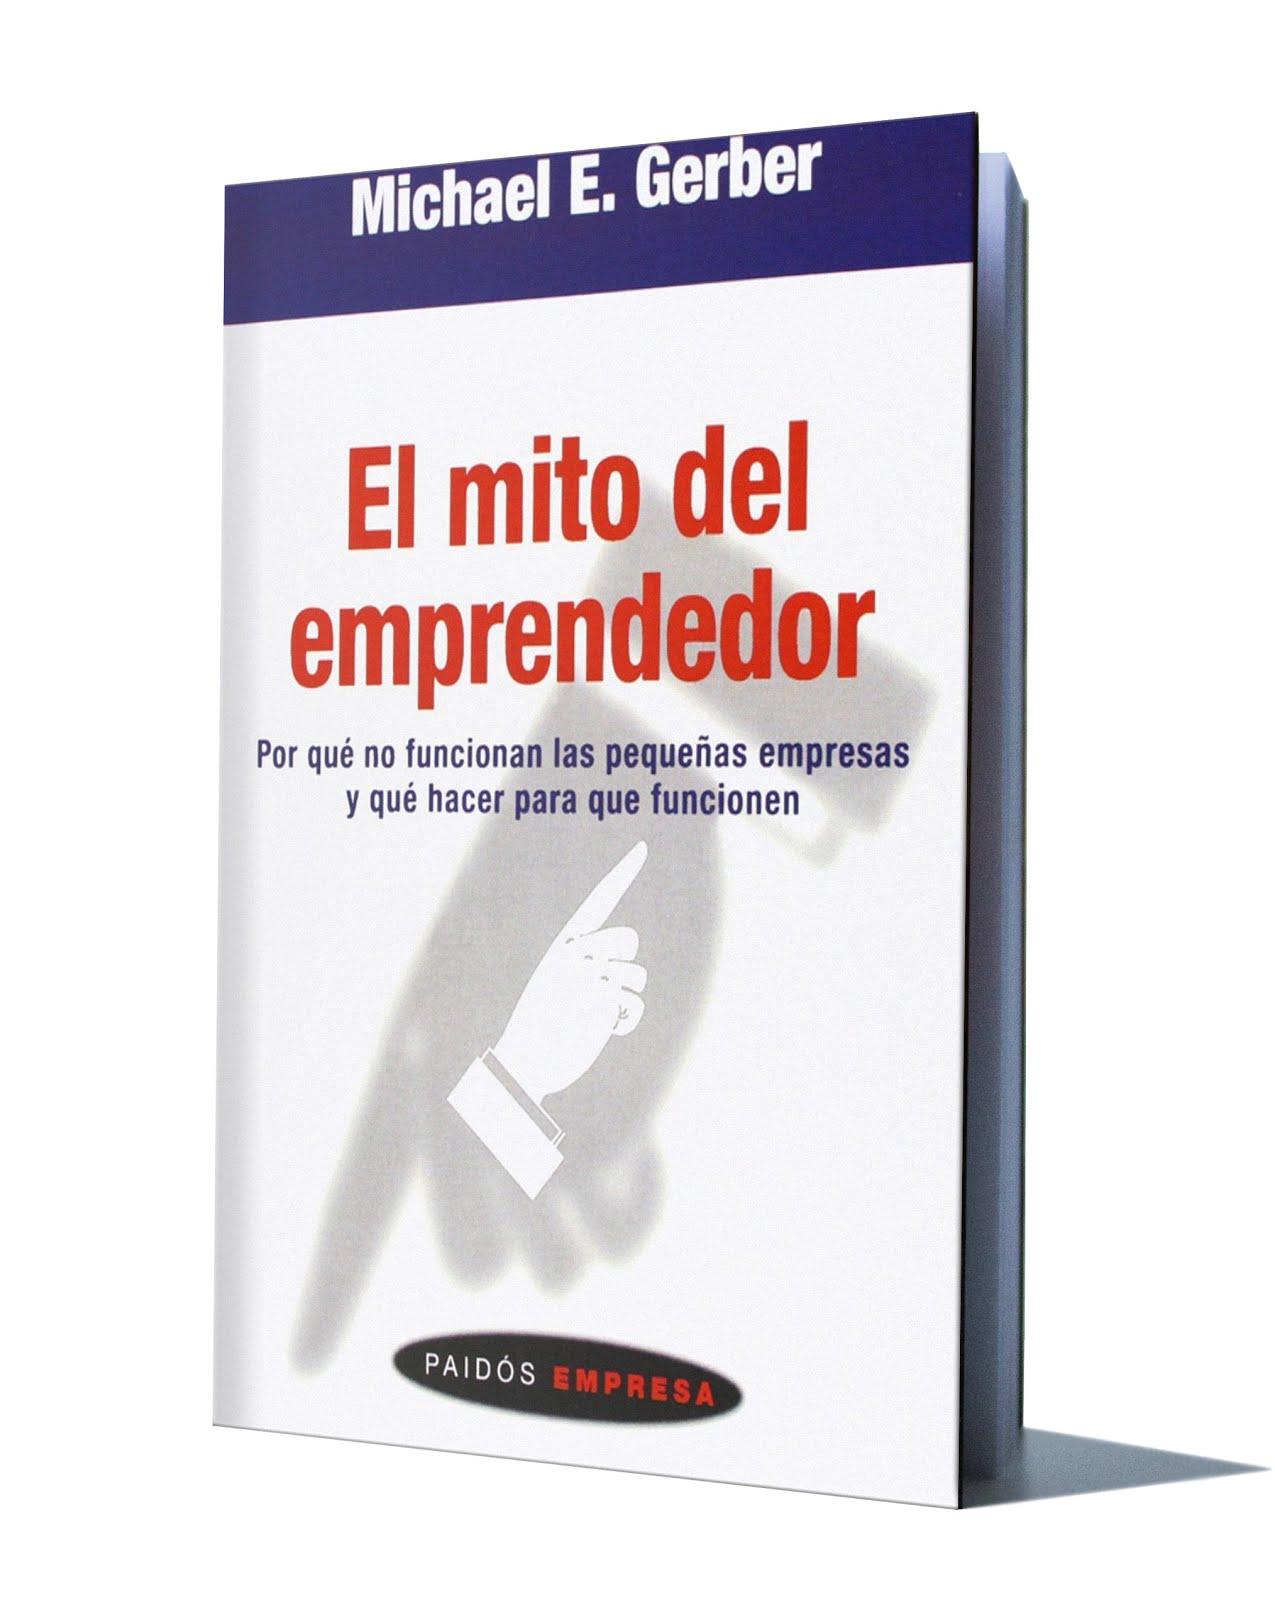 La primera parte de este libro está destinada a desmontar los mitos que  giran alrededor de la puesta en marcha de un negocio y a describir los  innumerables ...